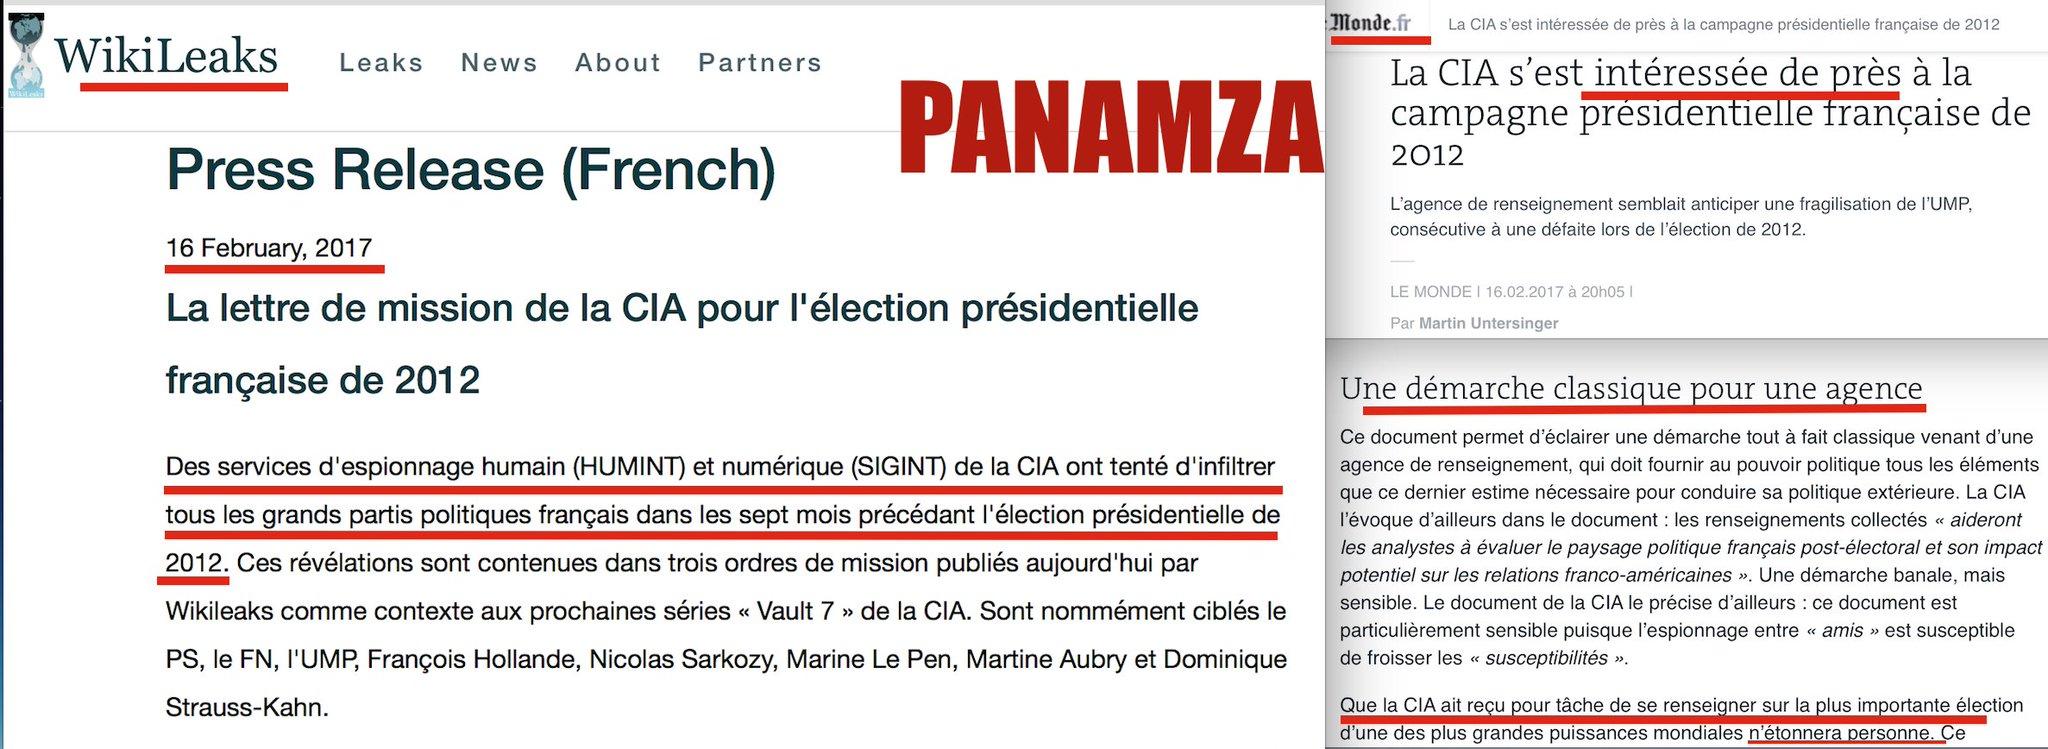 Wikileaks expose l'espionnage de la France par la CIA : Le Monde tente d'étouffer le scandale